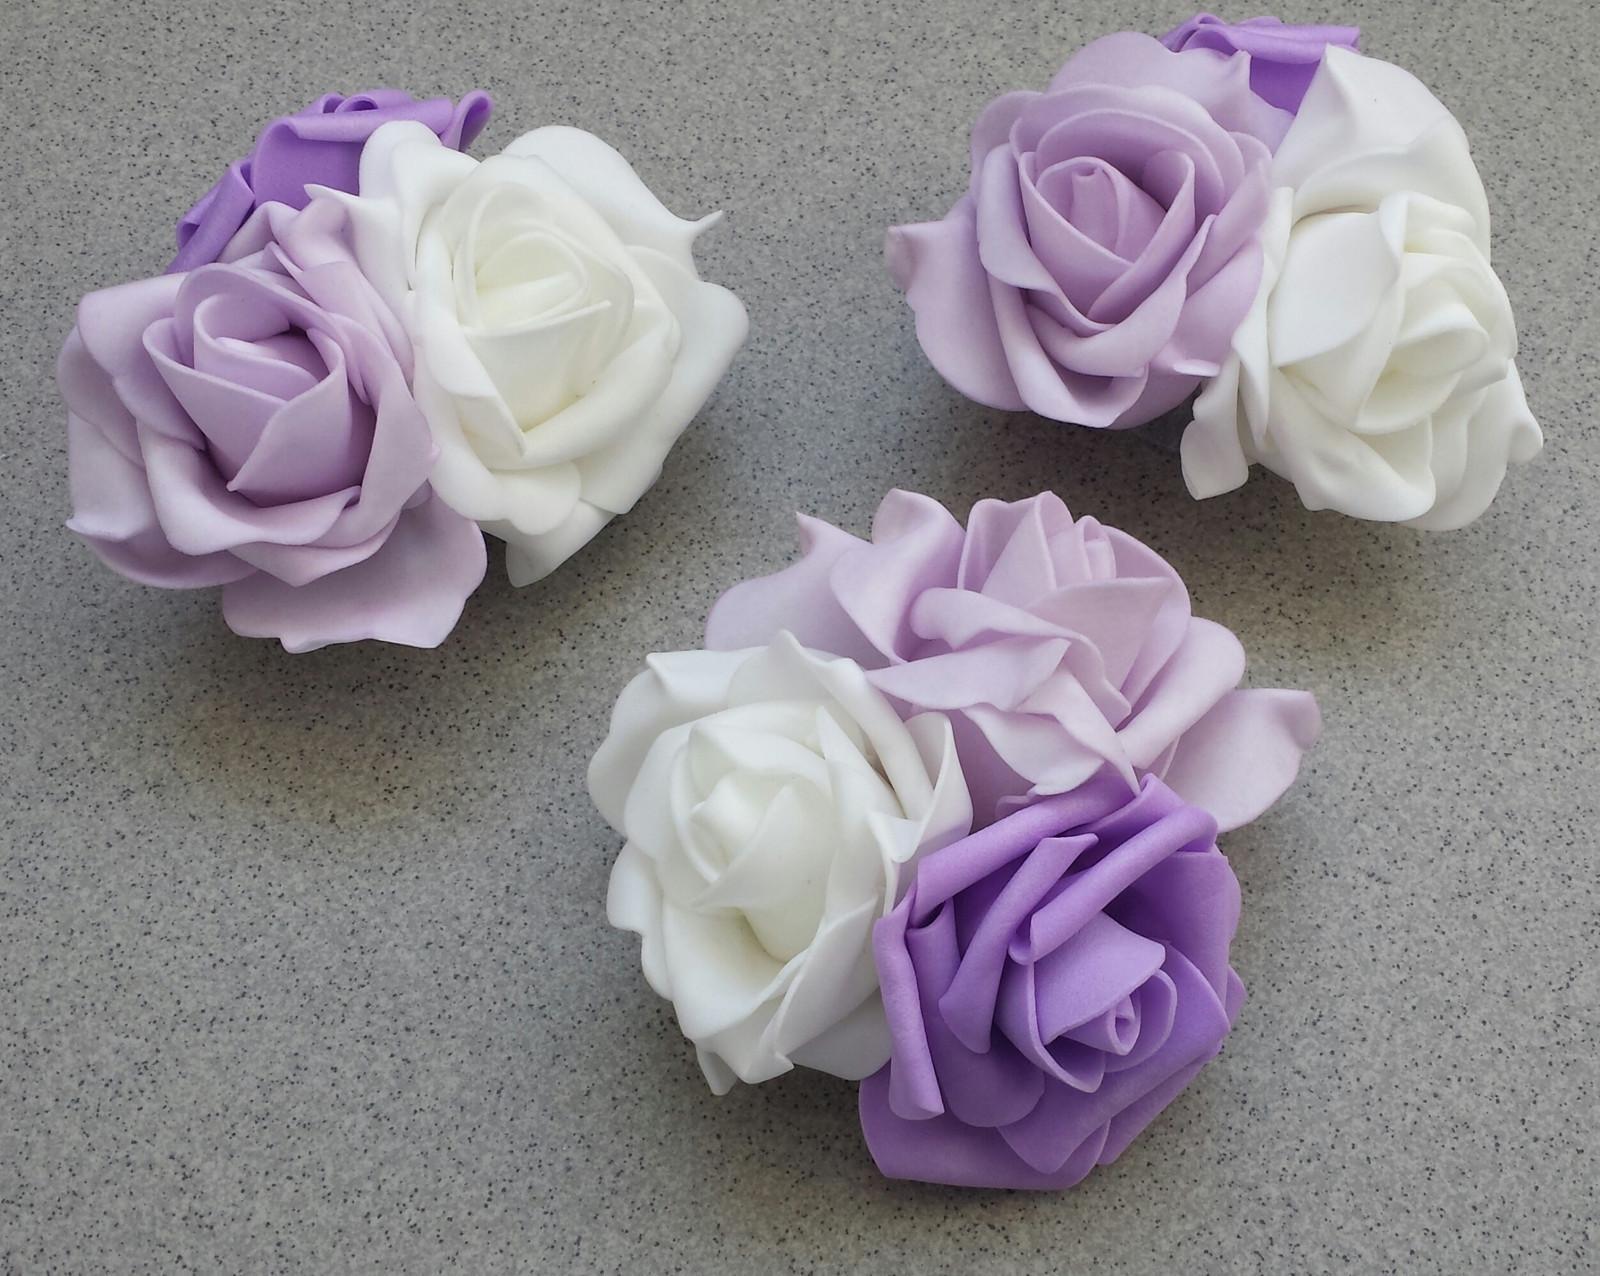 Tři pěnové růže s přísavkou velké - Obrázek č. 1